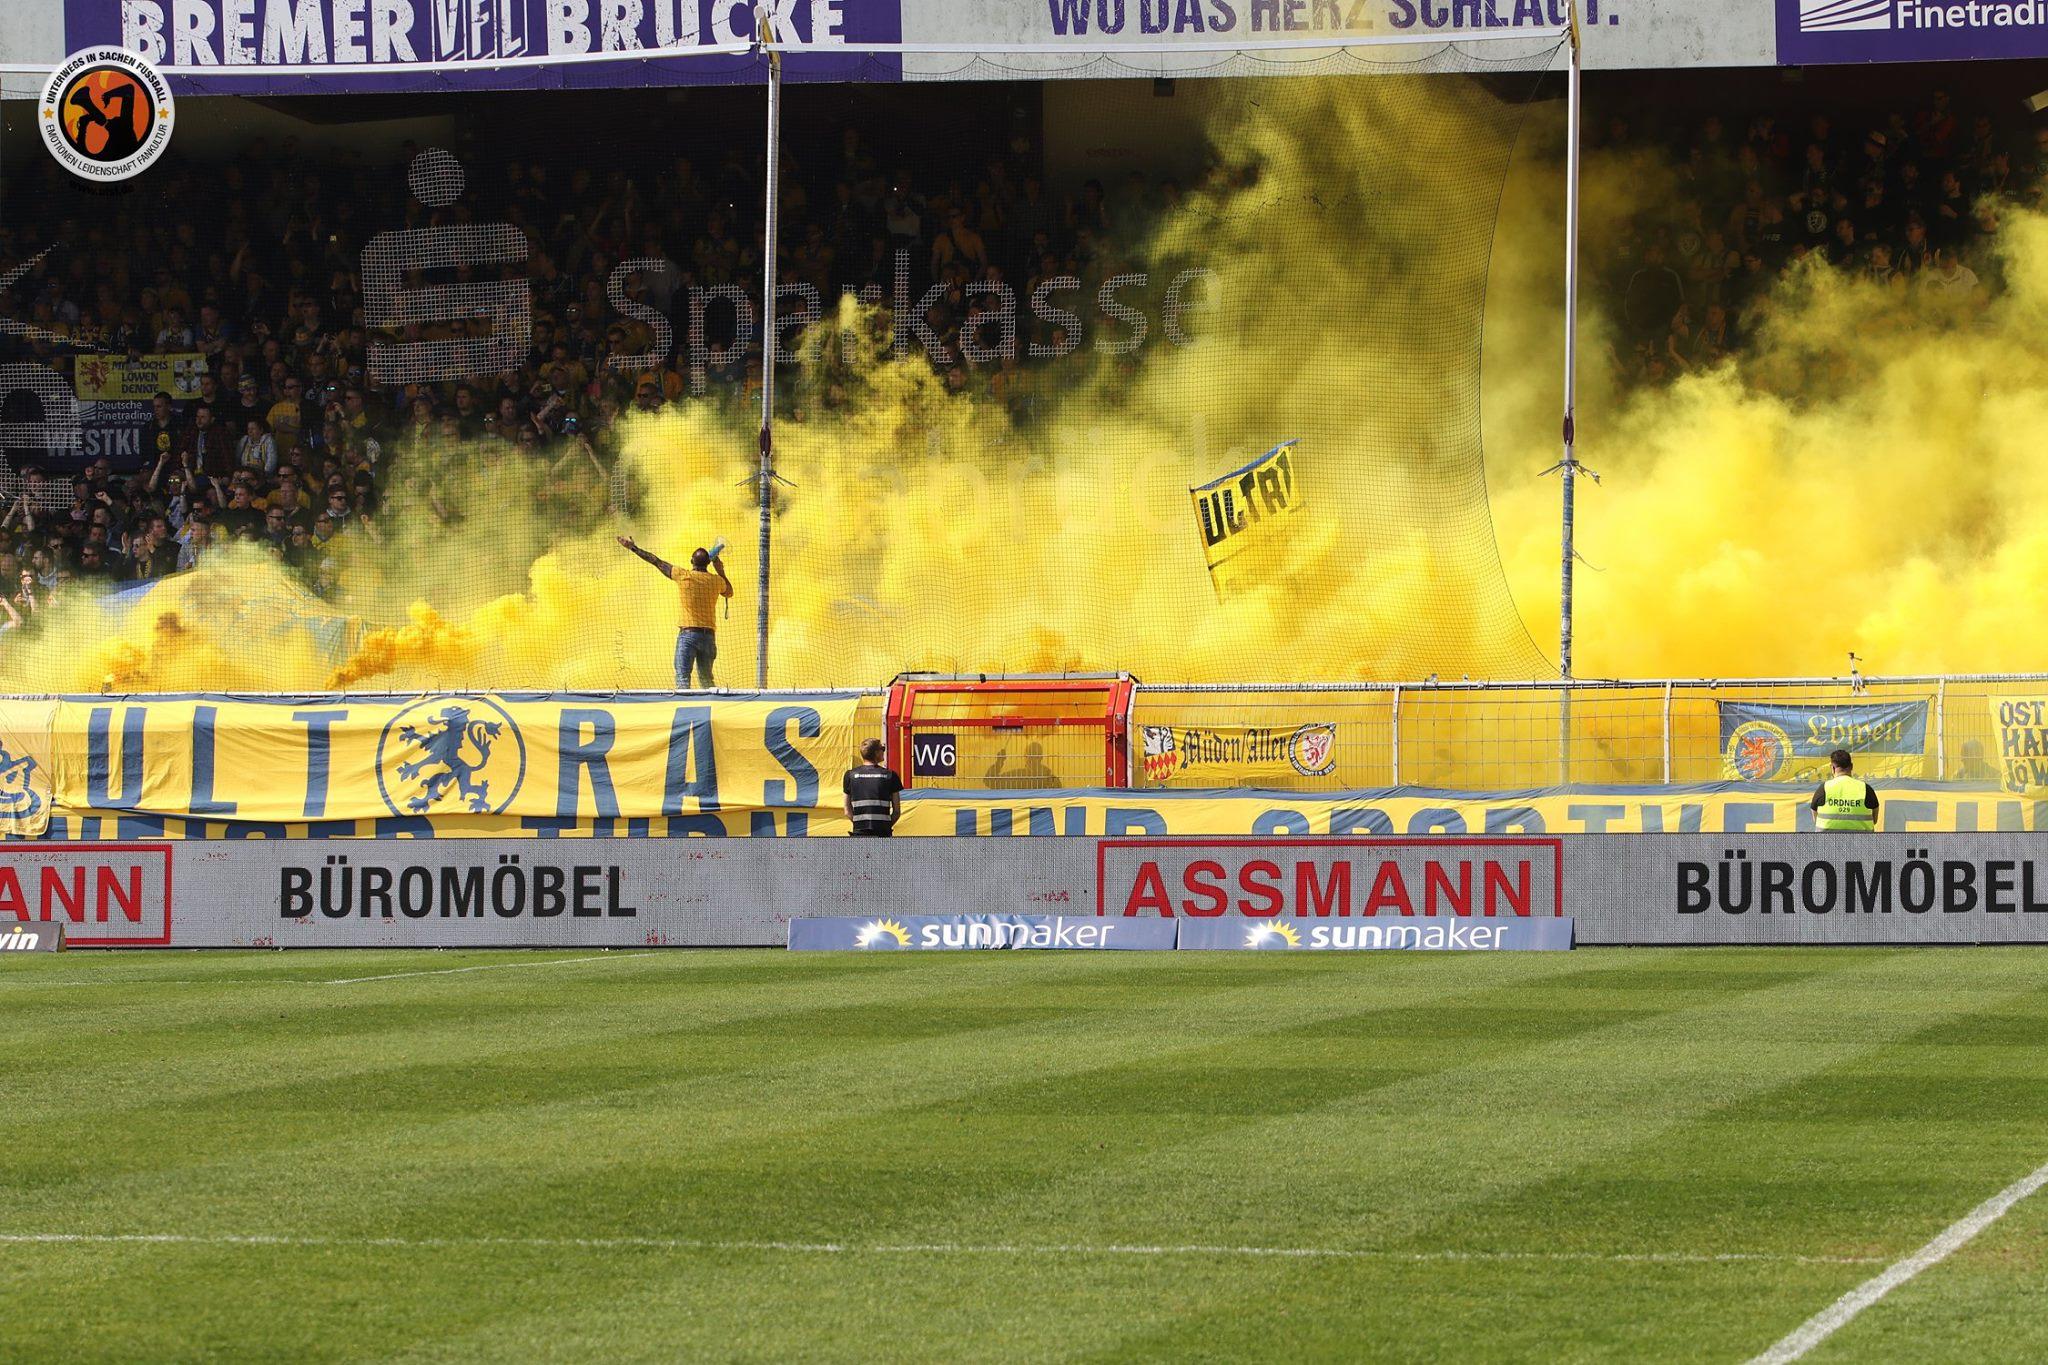 Supporters van Eintracht Braunschweig